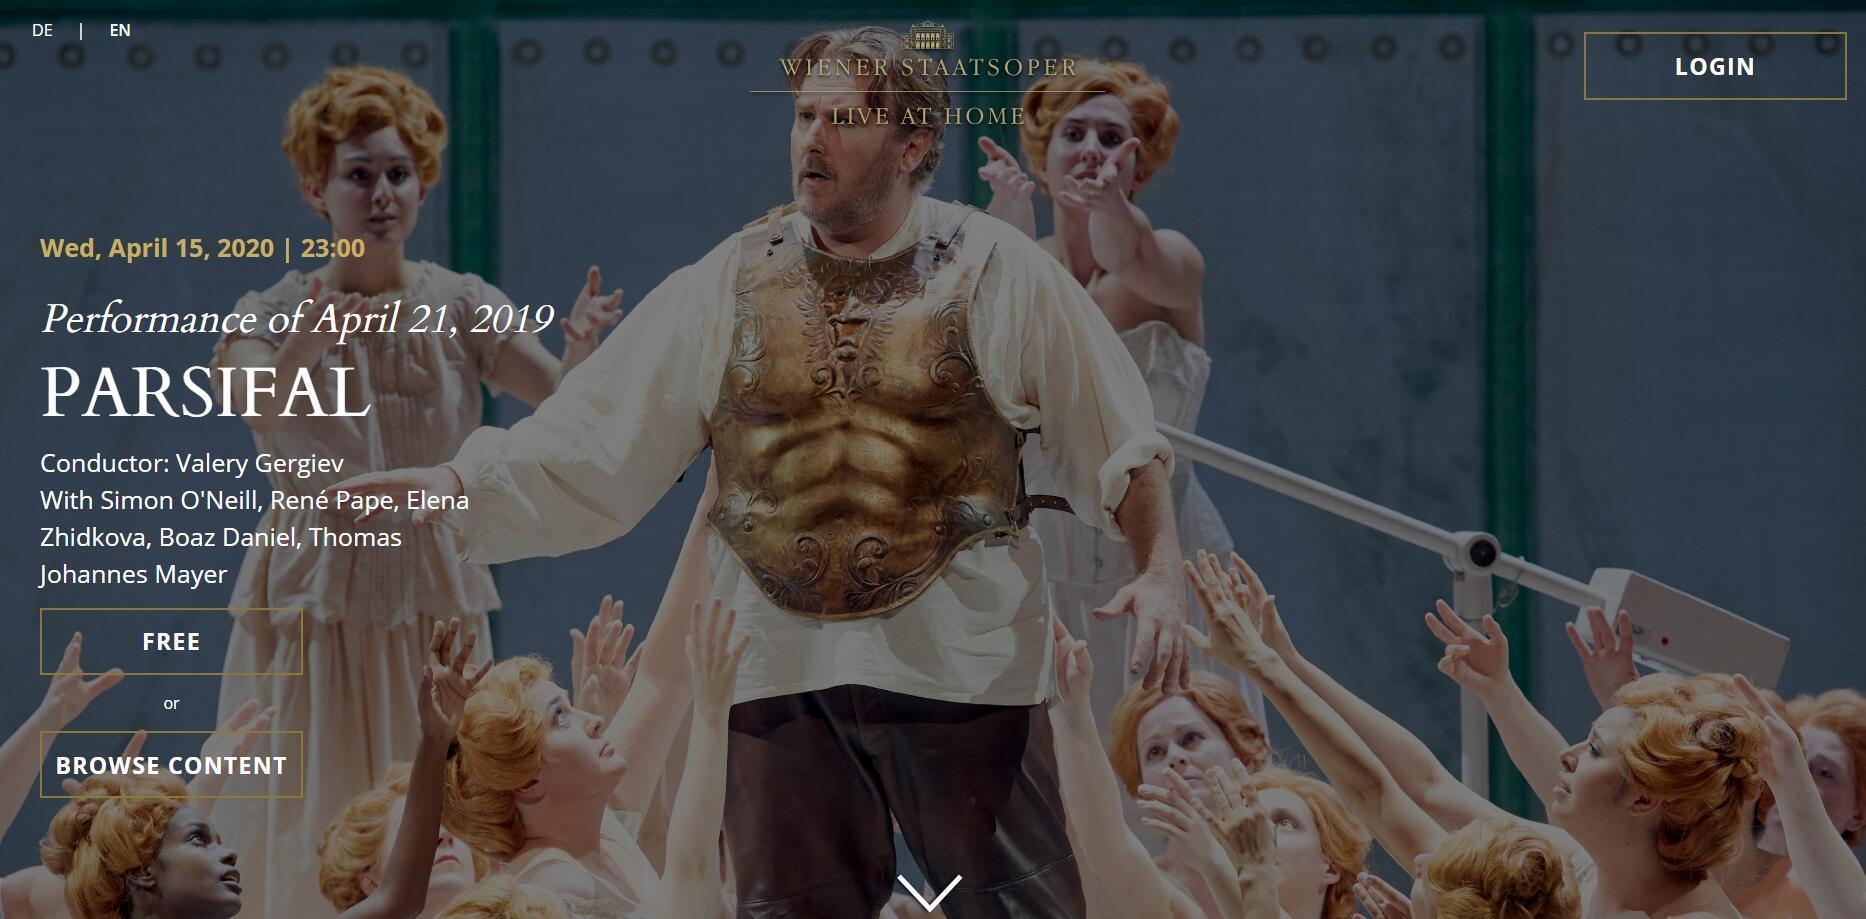 维也纳国家歌剧院免费开放,歌剧/芭蕾舞剧统统免费看插图1